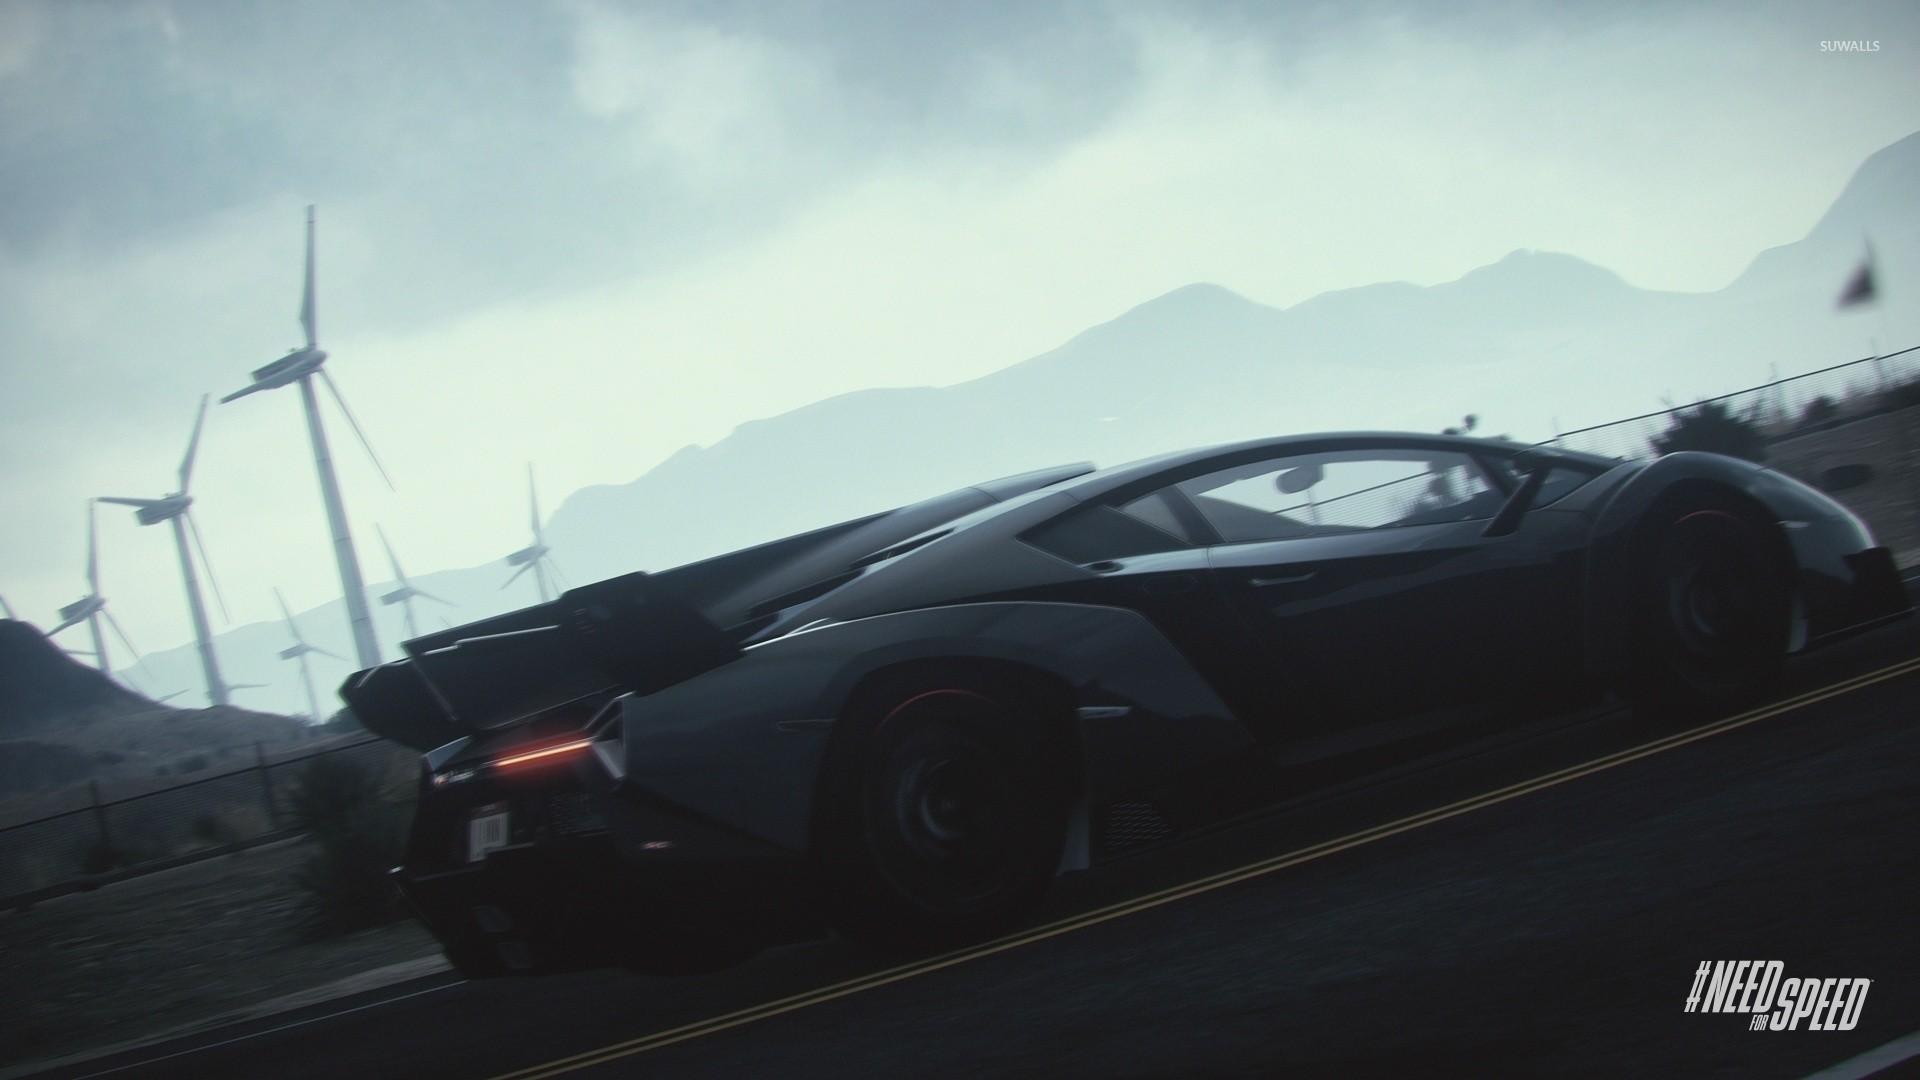 Lamborghini Veneno – Need for Speed: Rivals [3] wallpaper